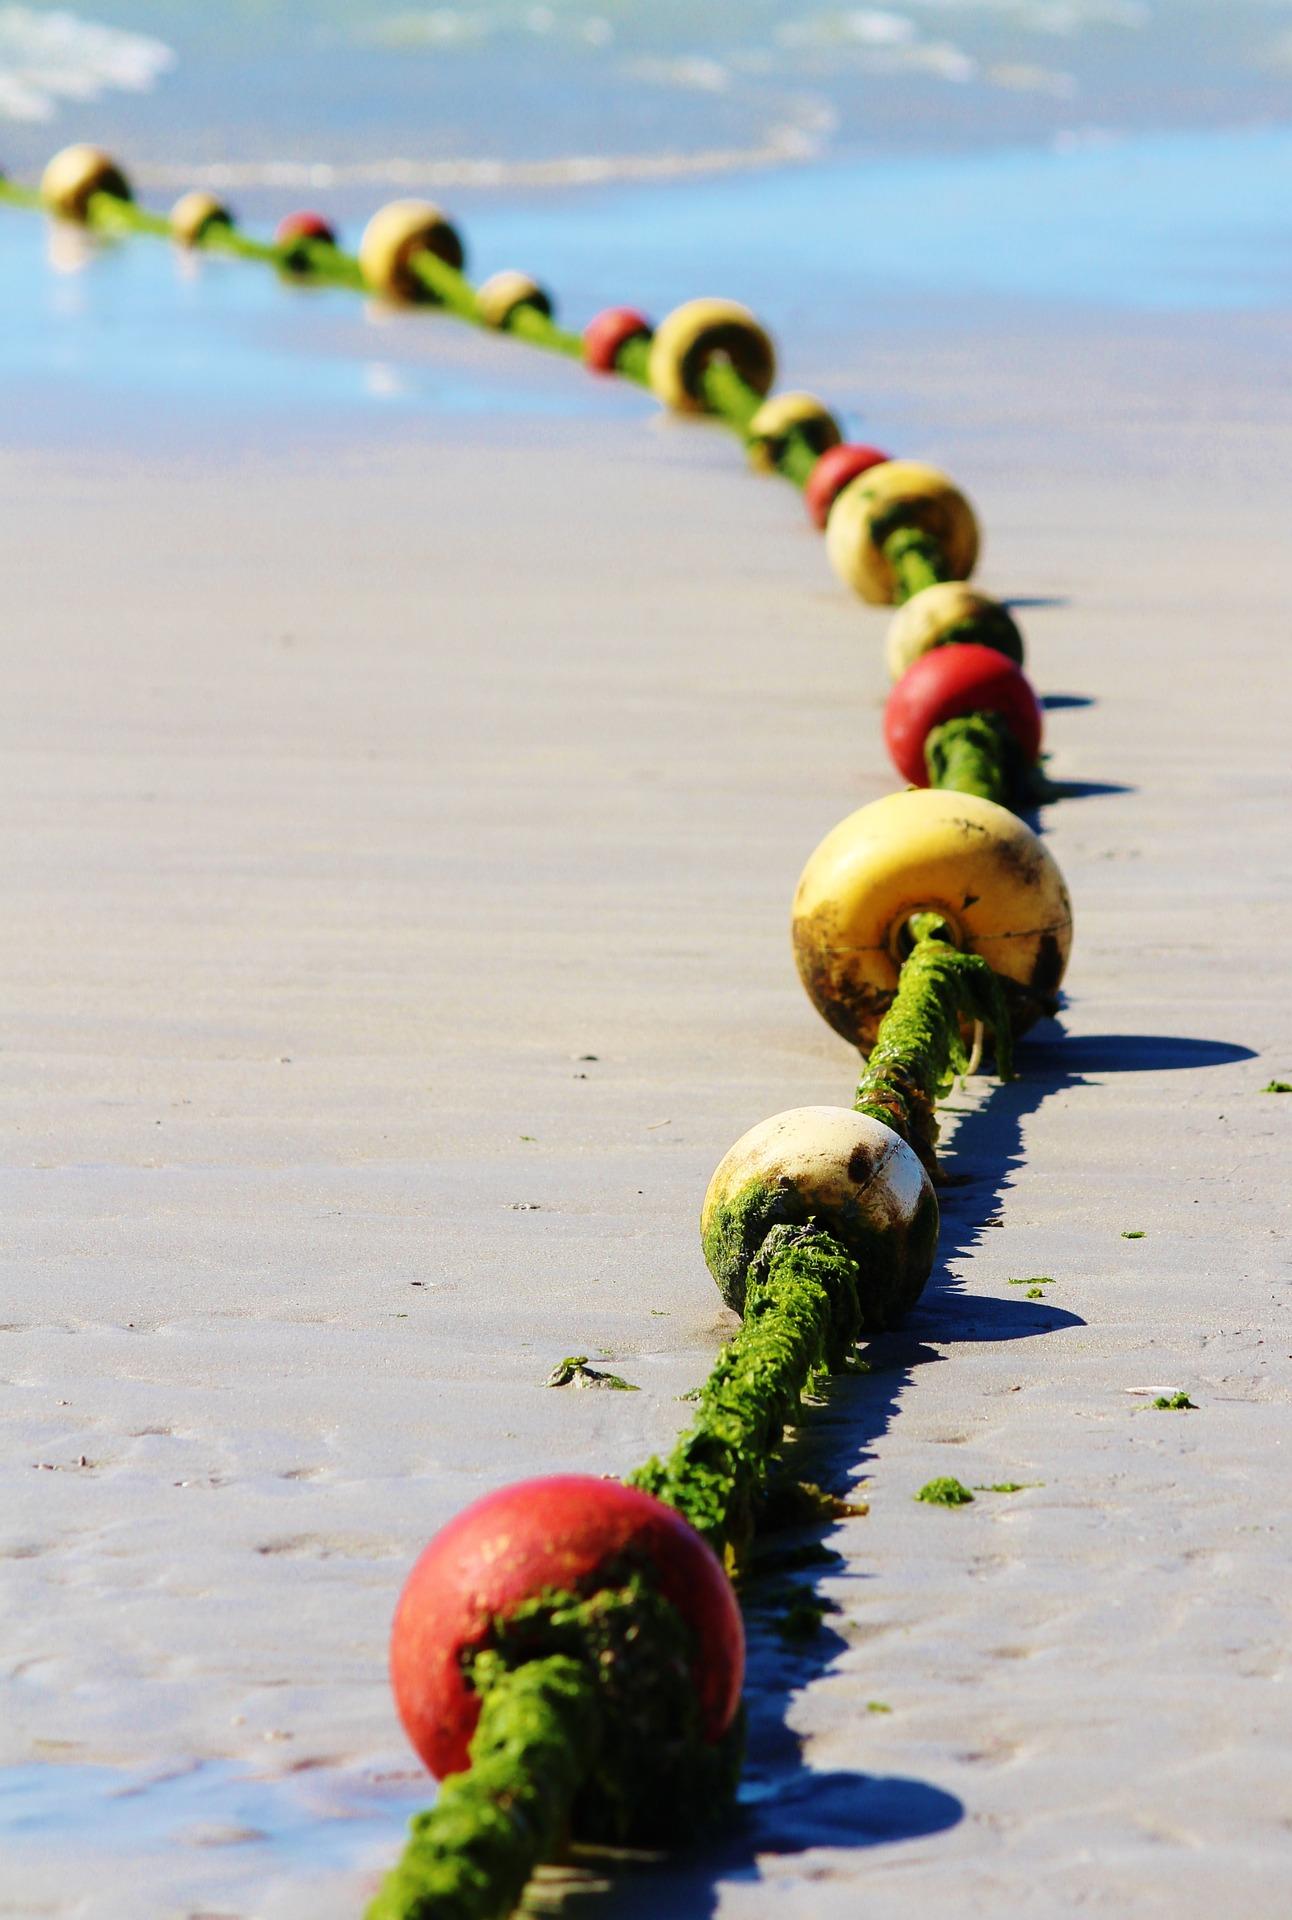 δίκτυο, σχοινί, σημαδούρες, Παραλία, Θάλασσα - Wallpapers HD - Professor-falken.com